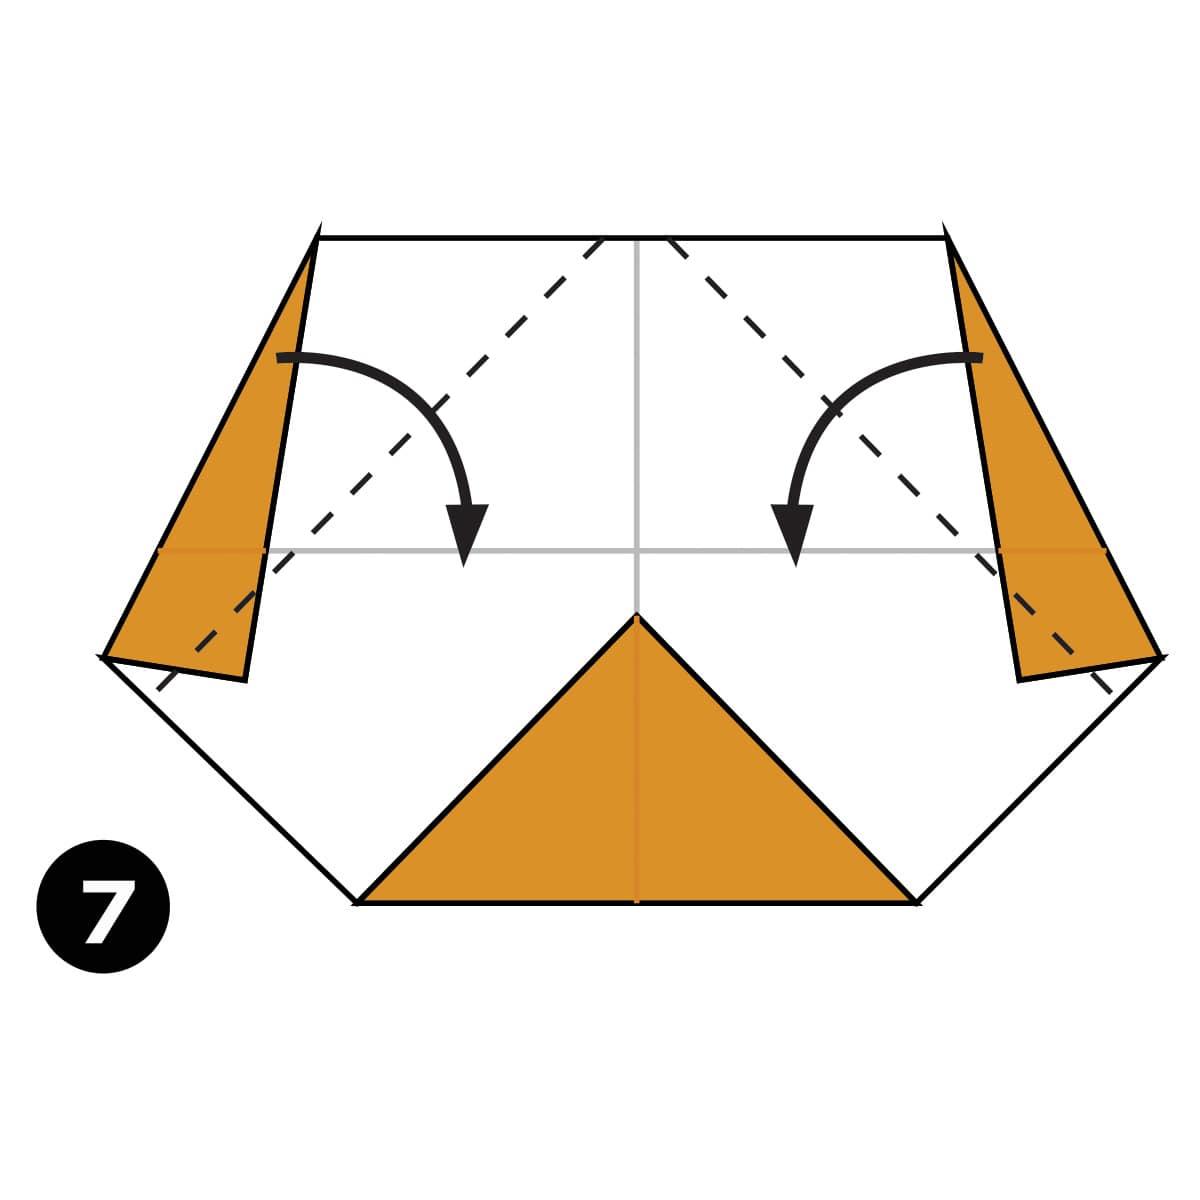 Gorilla Step 7